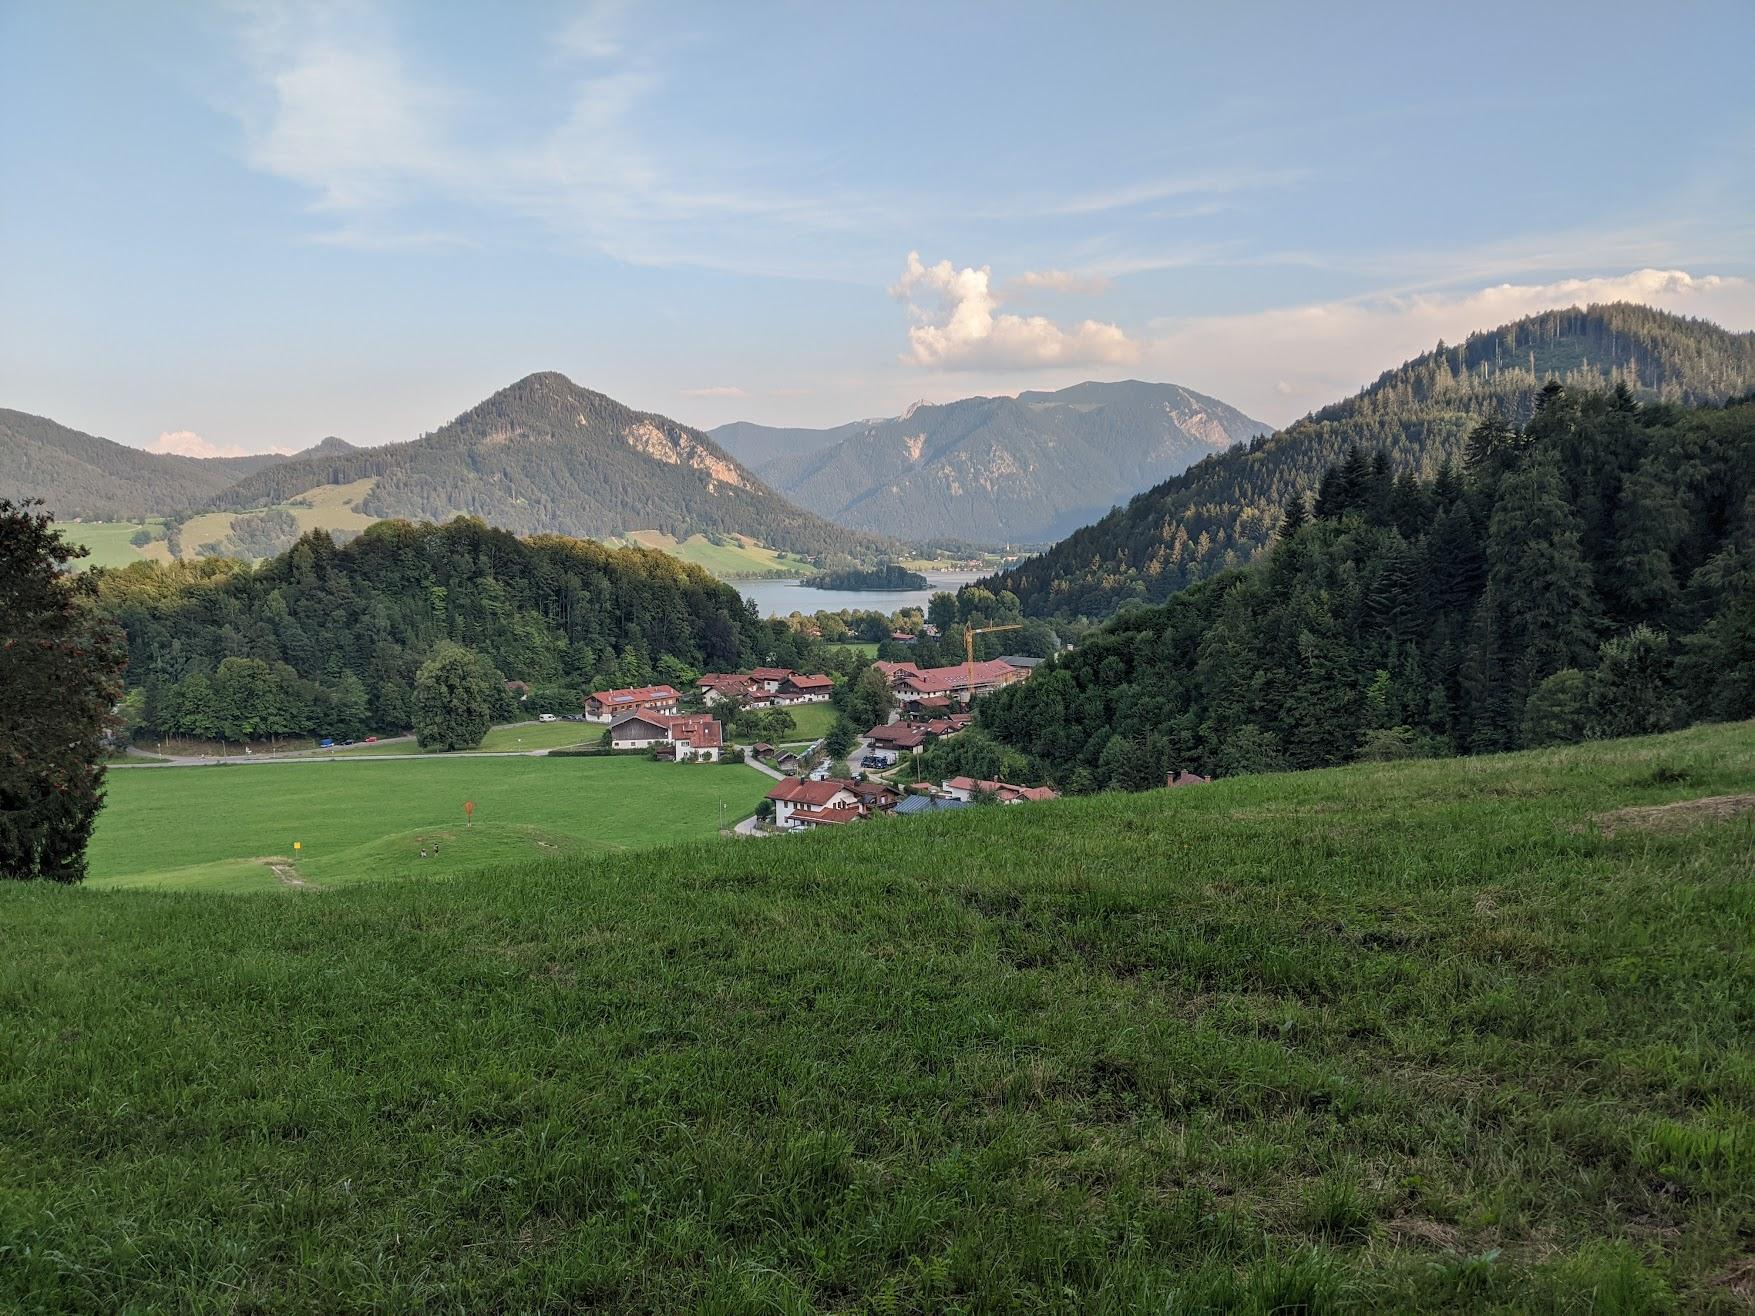 Schliersee: Gindelalm trail mtb - August 20